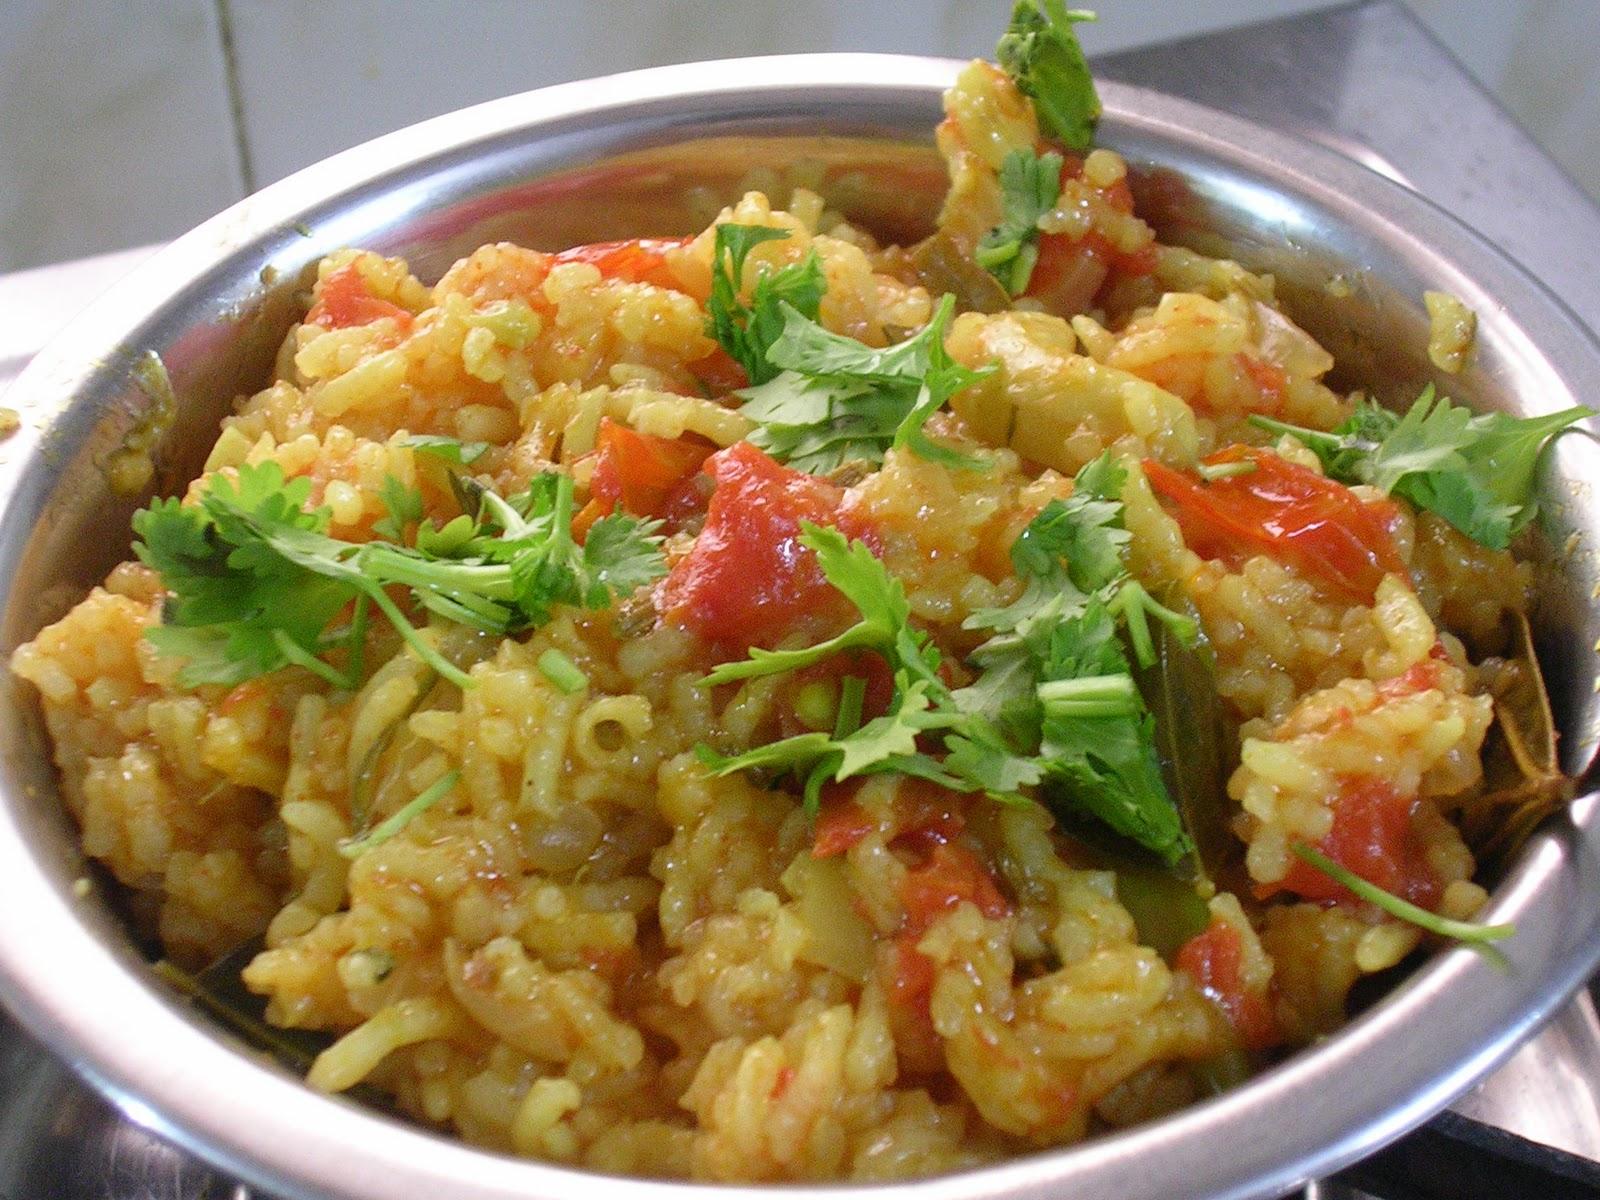 Sourashtra tomato ricethakkali pongal recipetomato flavoured rice sourashtra tomato ricethakkali pongal recipetomato flavoured rice prepared in sourashtrian style forumfinder Gallery